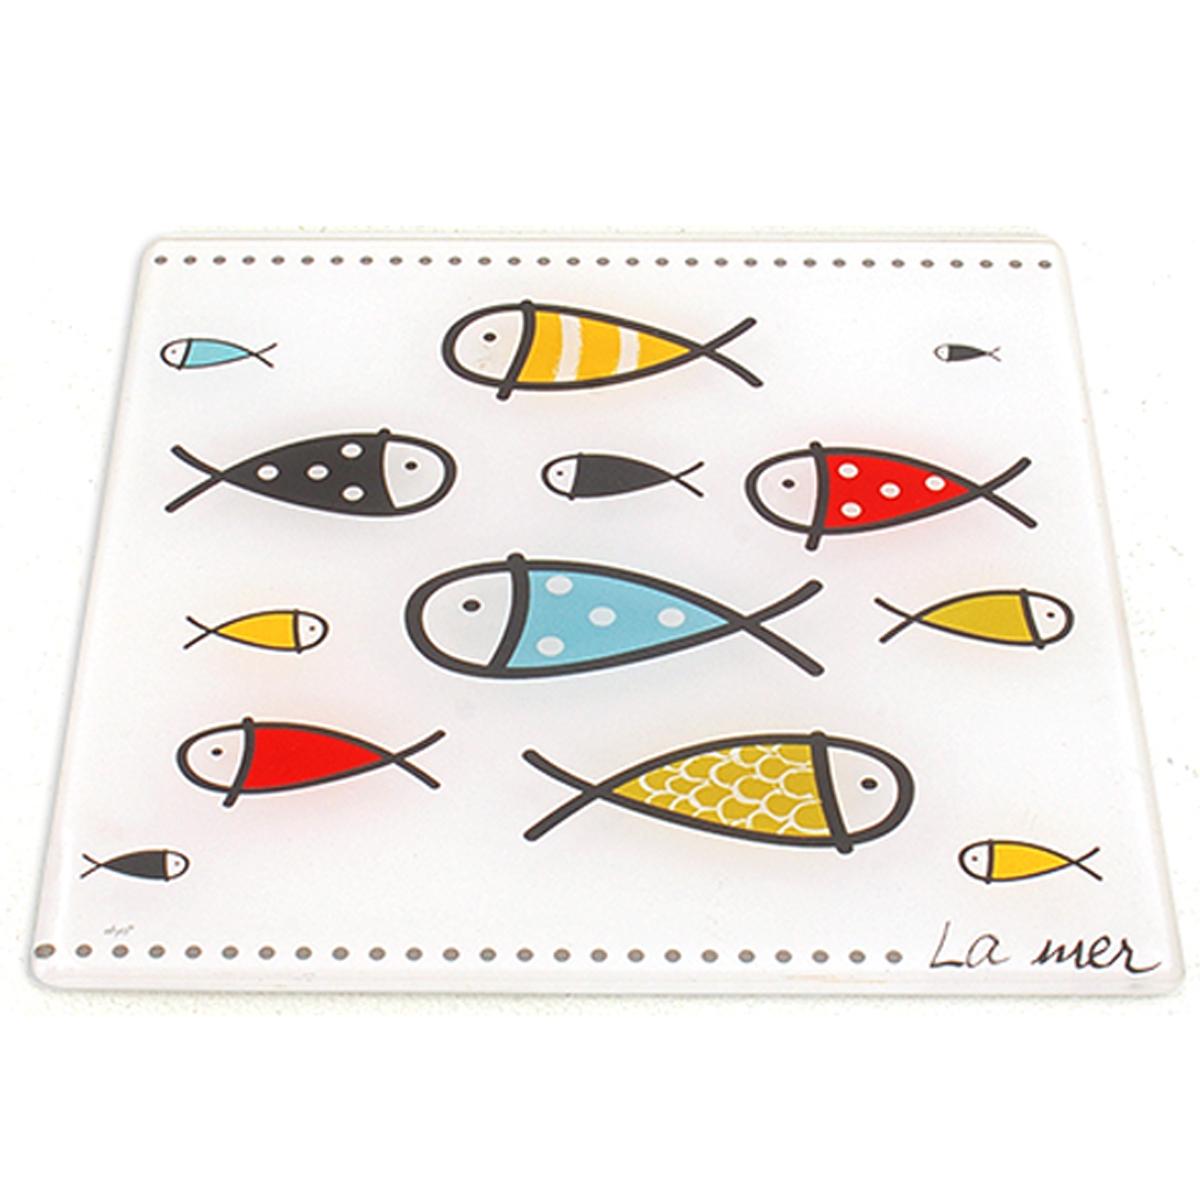 Dessous de plat verre \'Poissons - La mer\' multicolore blanc - 20x20 cm - [A0231]